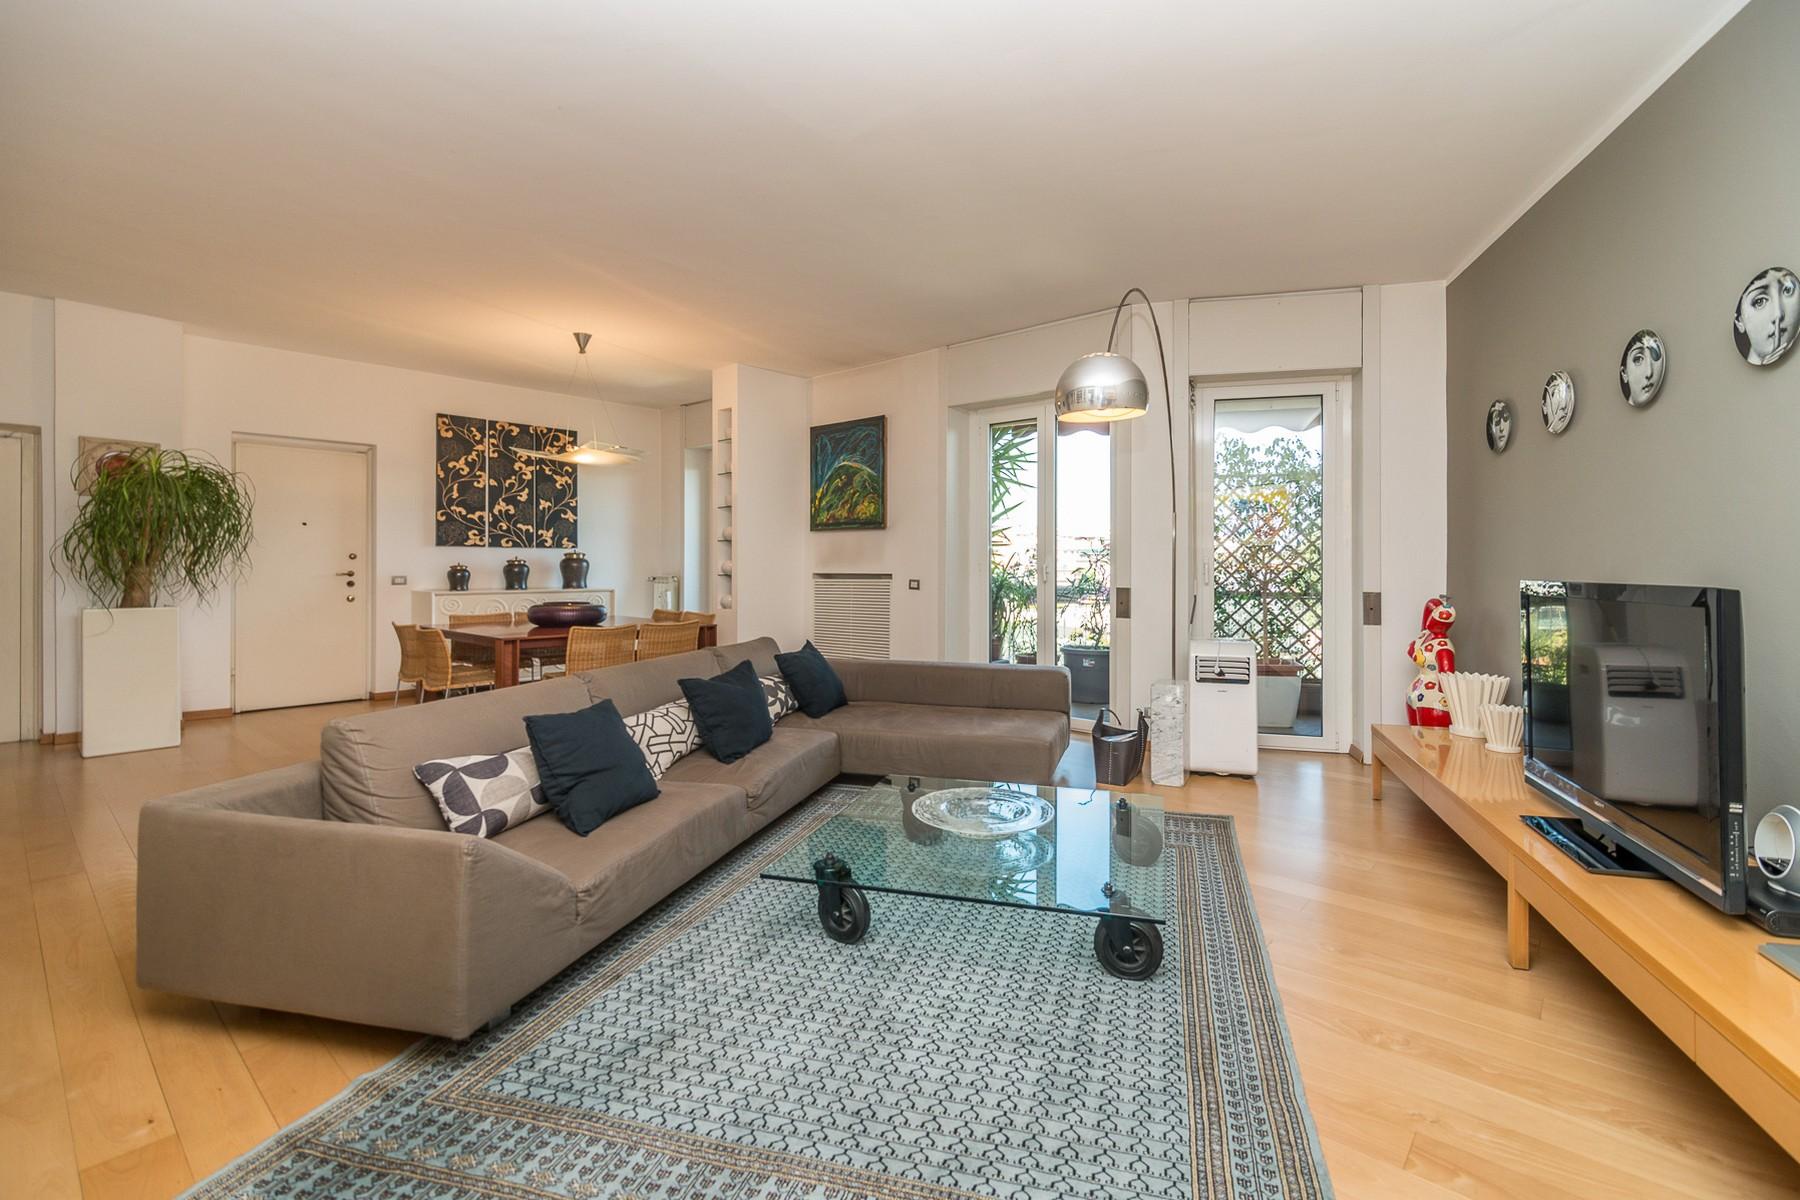 Appartamento in Vendita a Milano 29 Certosa / Bovisa / Dergano / Maciachini / Istria / Testi: 5 locali, 170 mq